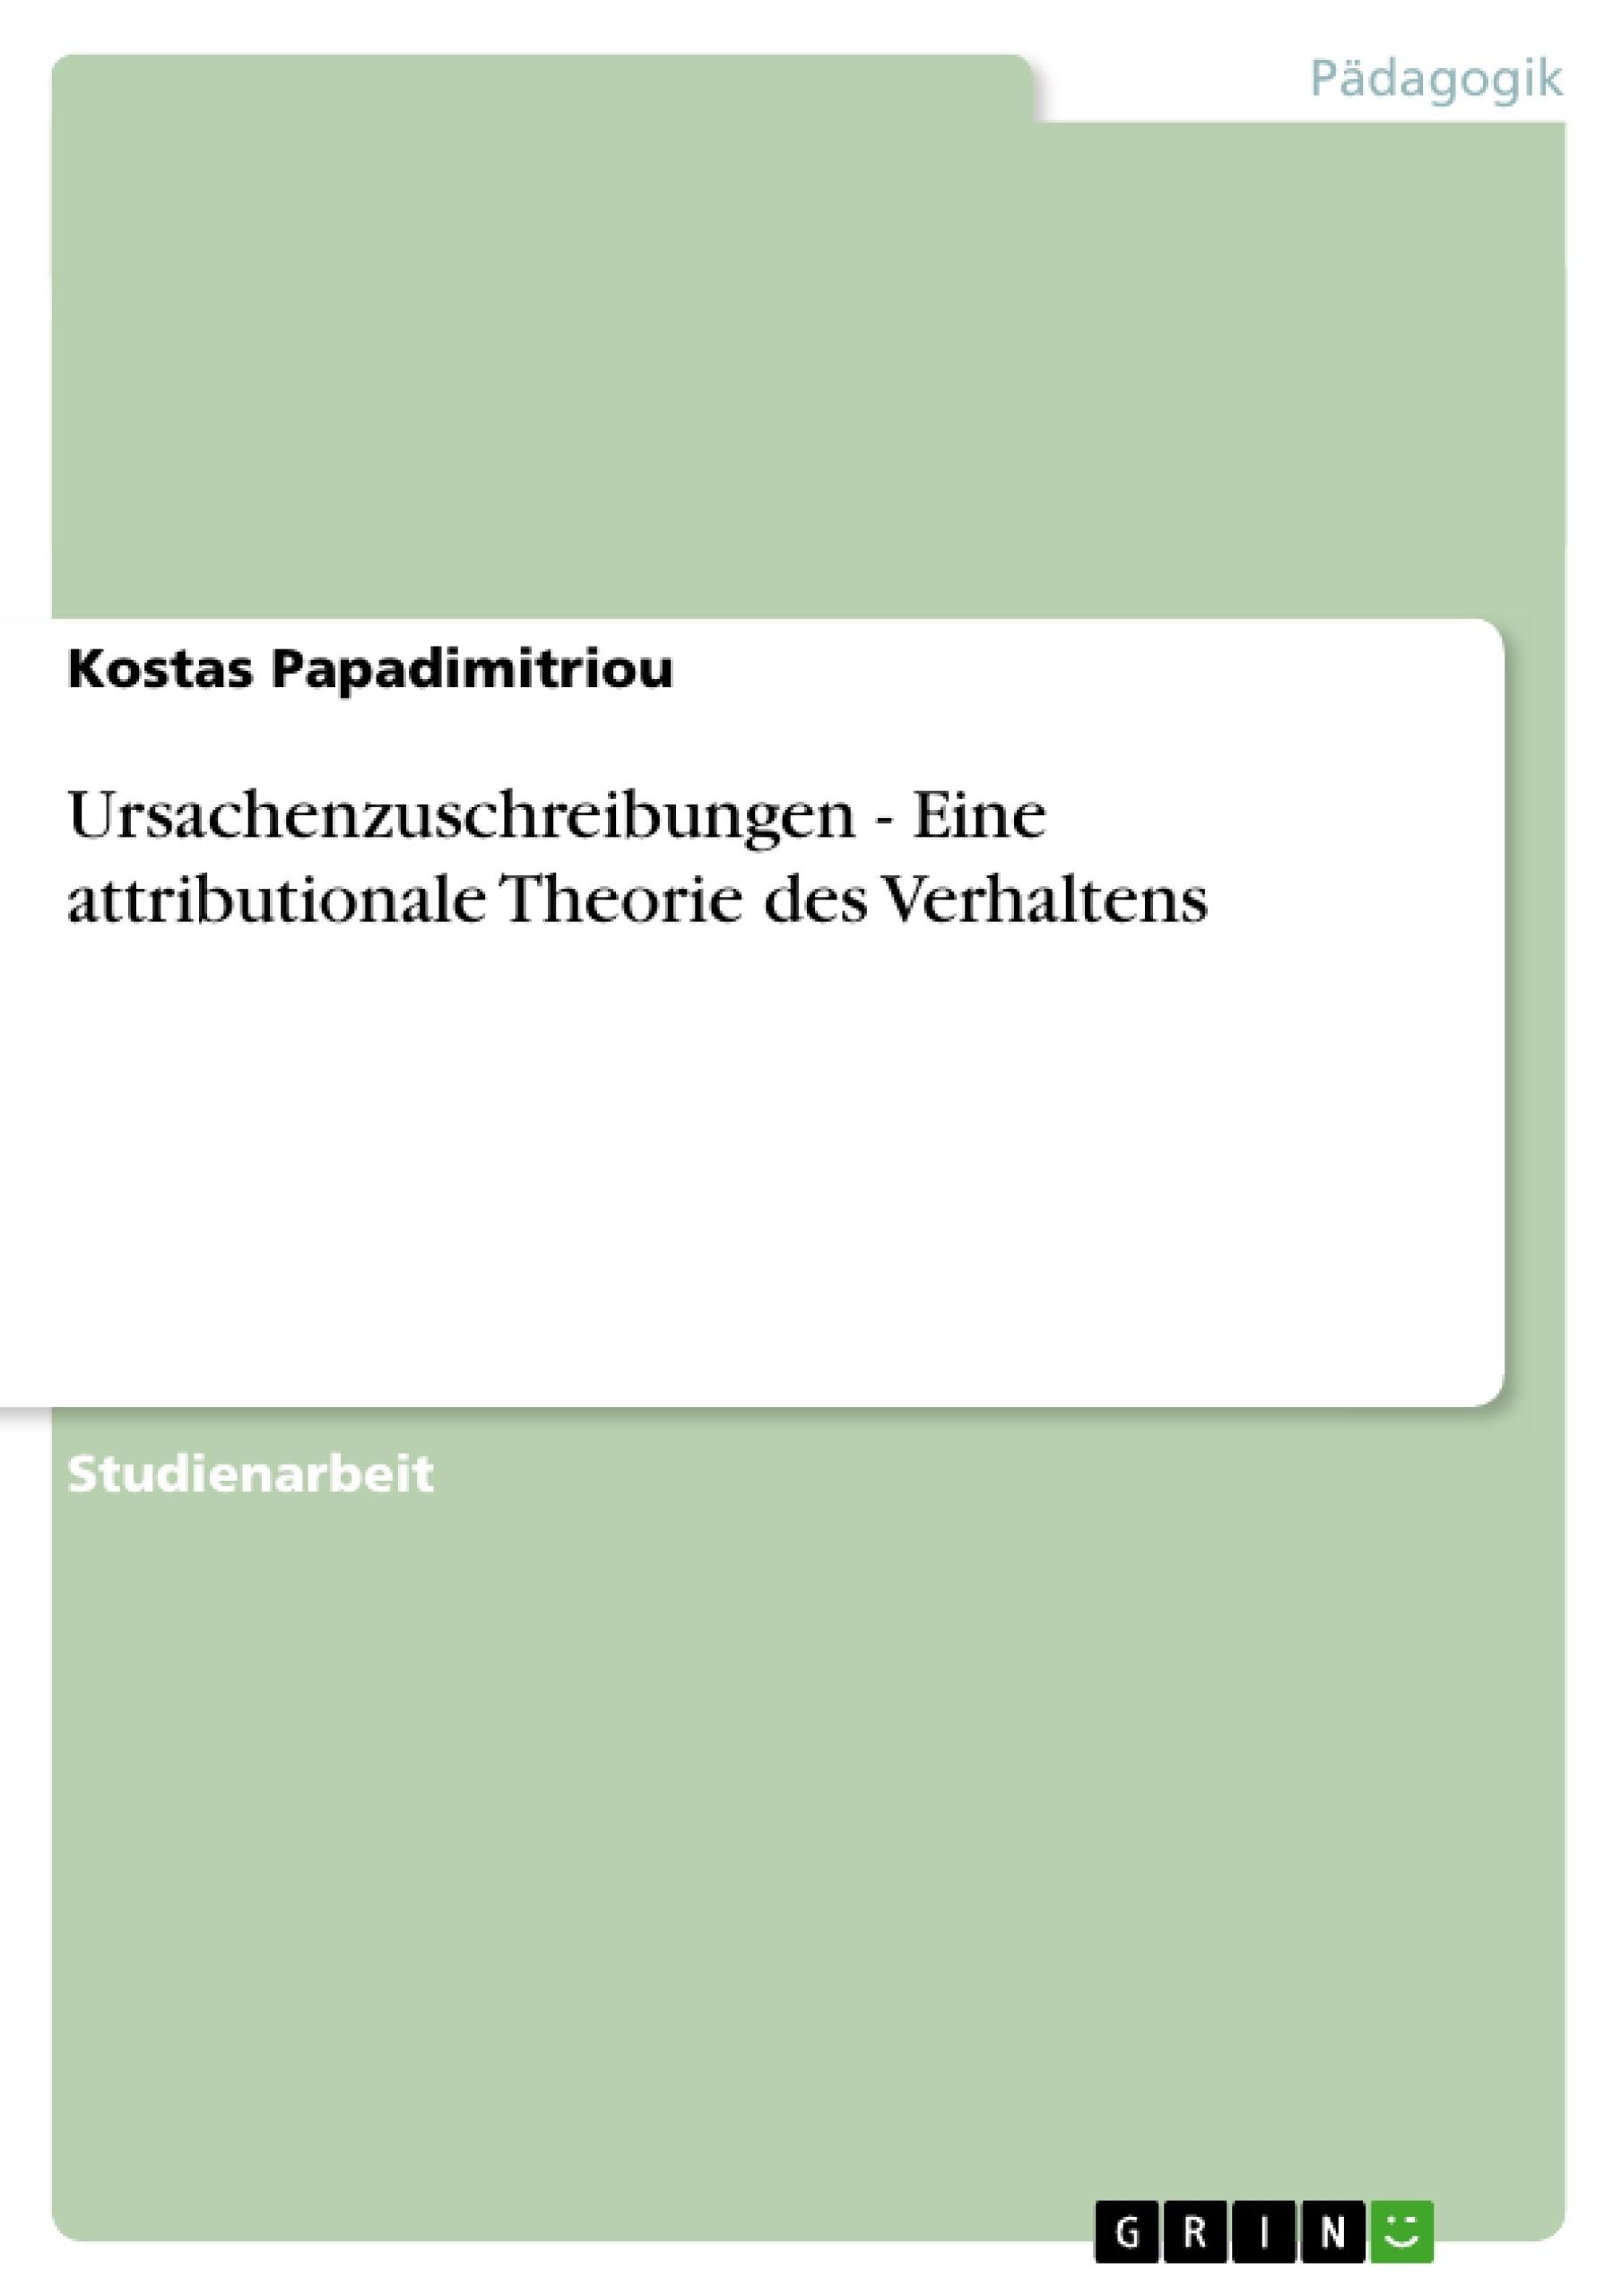 Titel: Ursachenzuschreibungen - Eine attributionale Theorie des Verhaltens